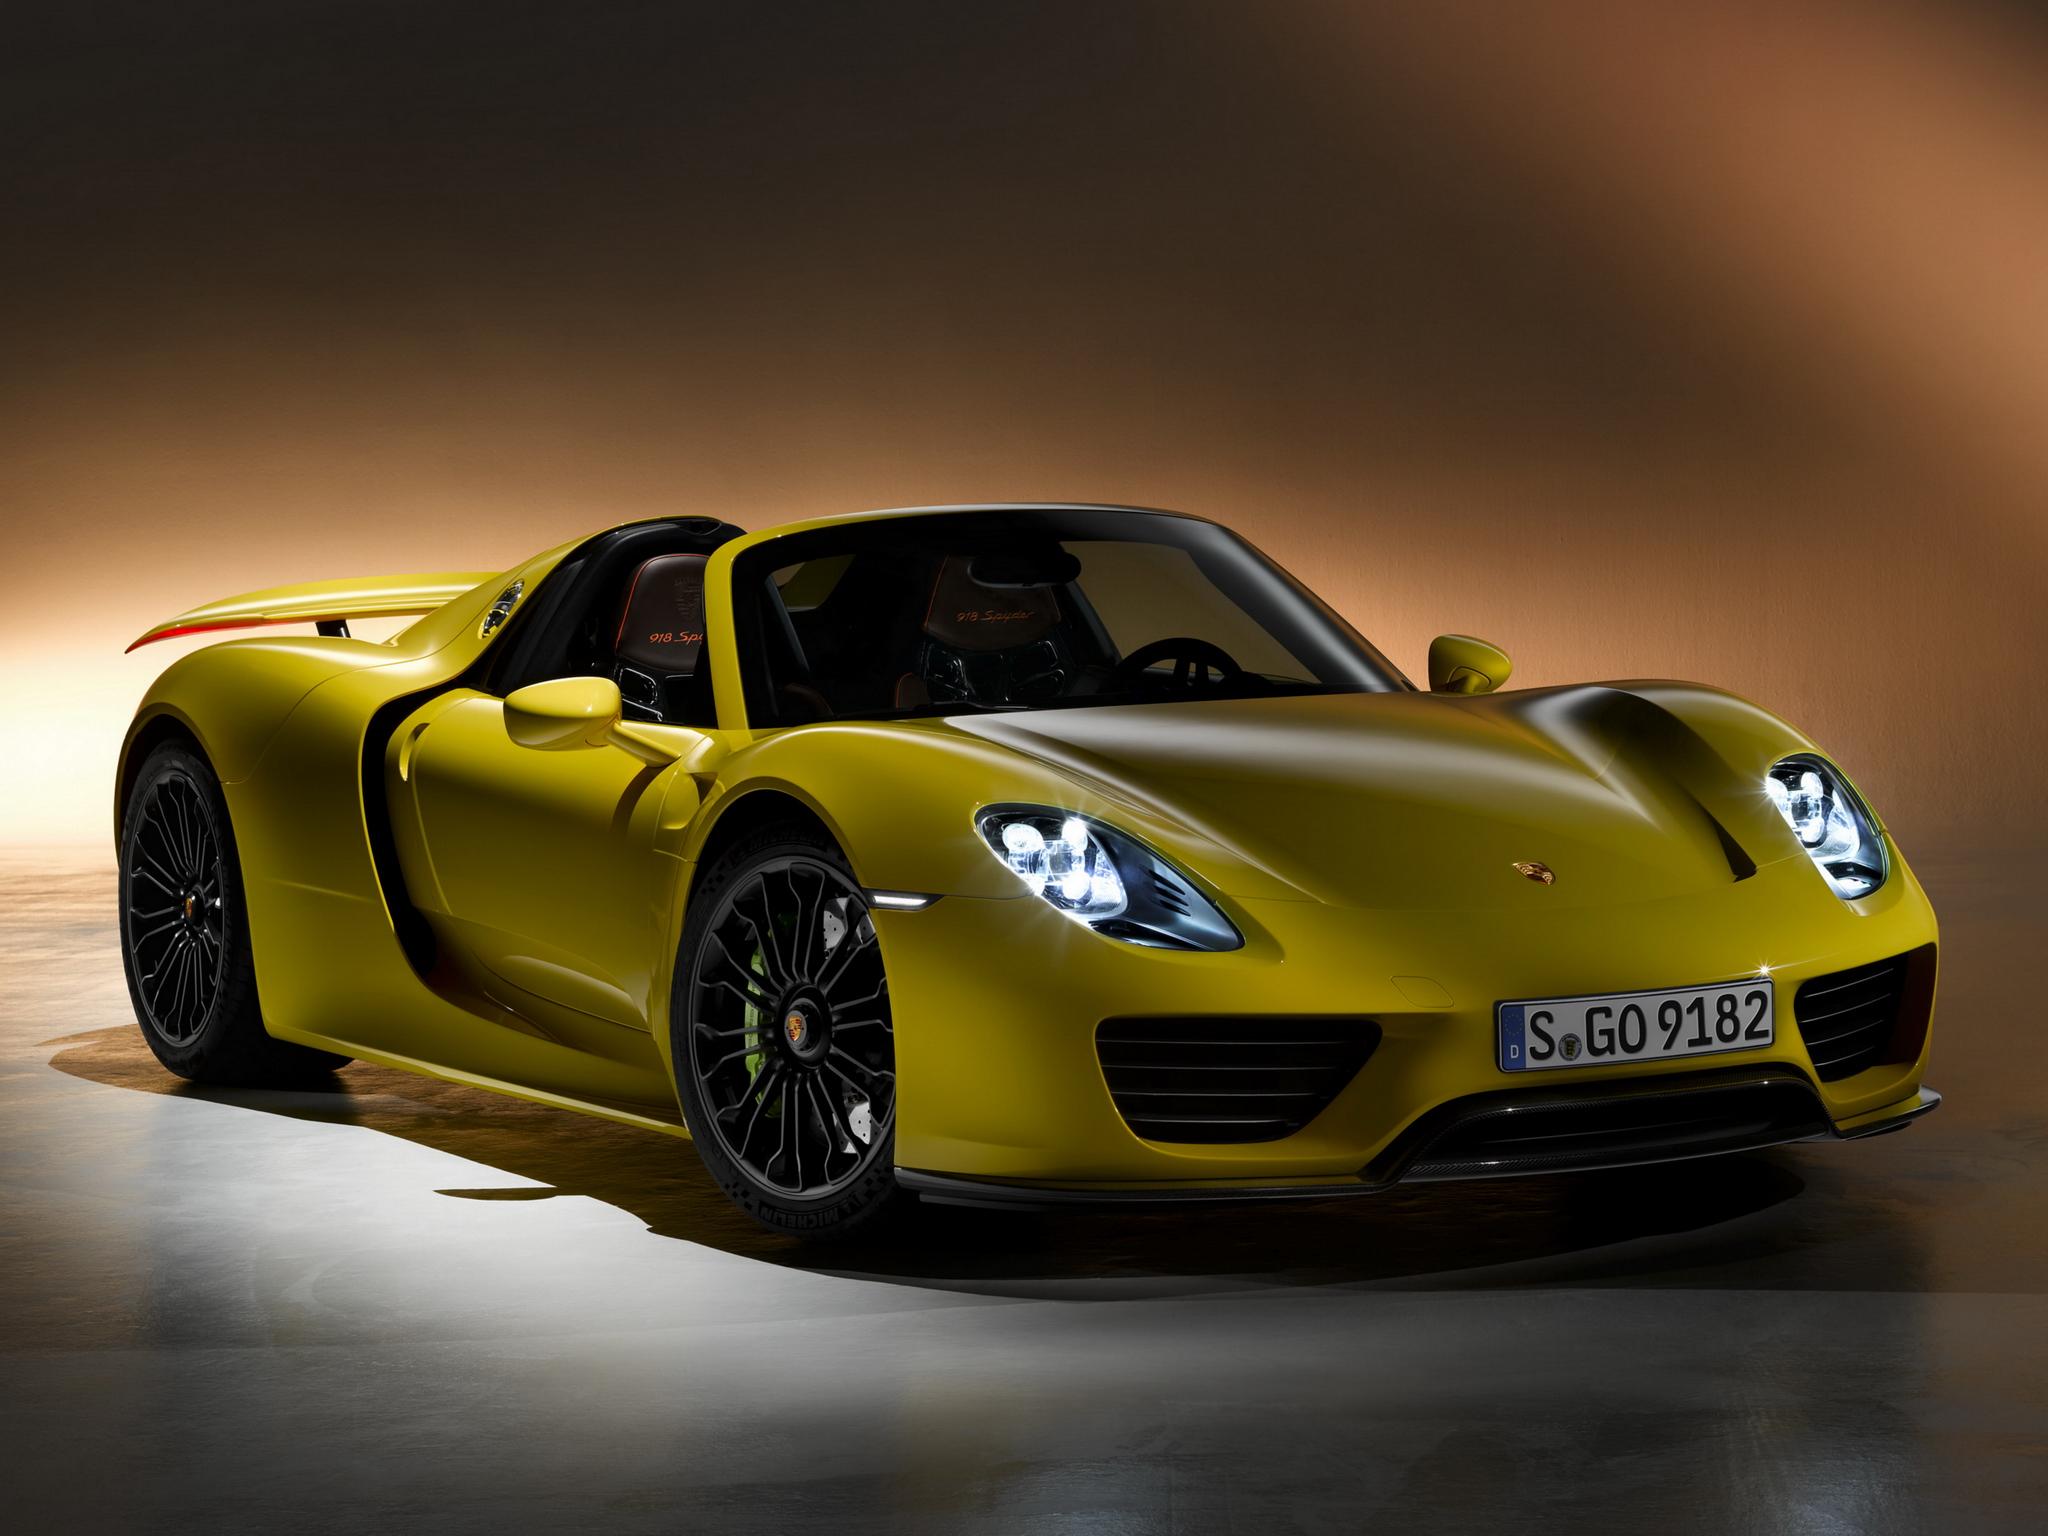 d6e353d9cdb69e841918c7498e91af3a Gorgeous Porsche 918 Spyder Acid Green Cars Trend